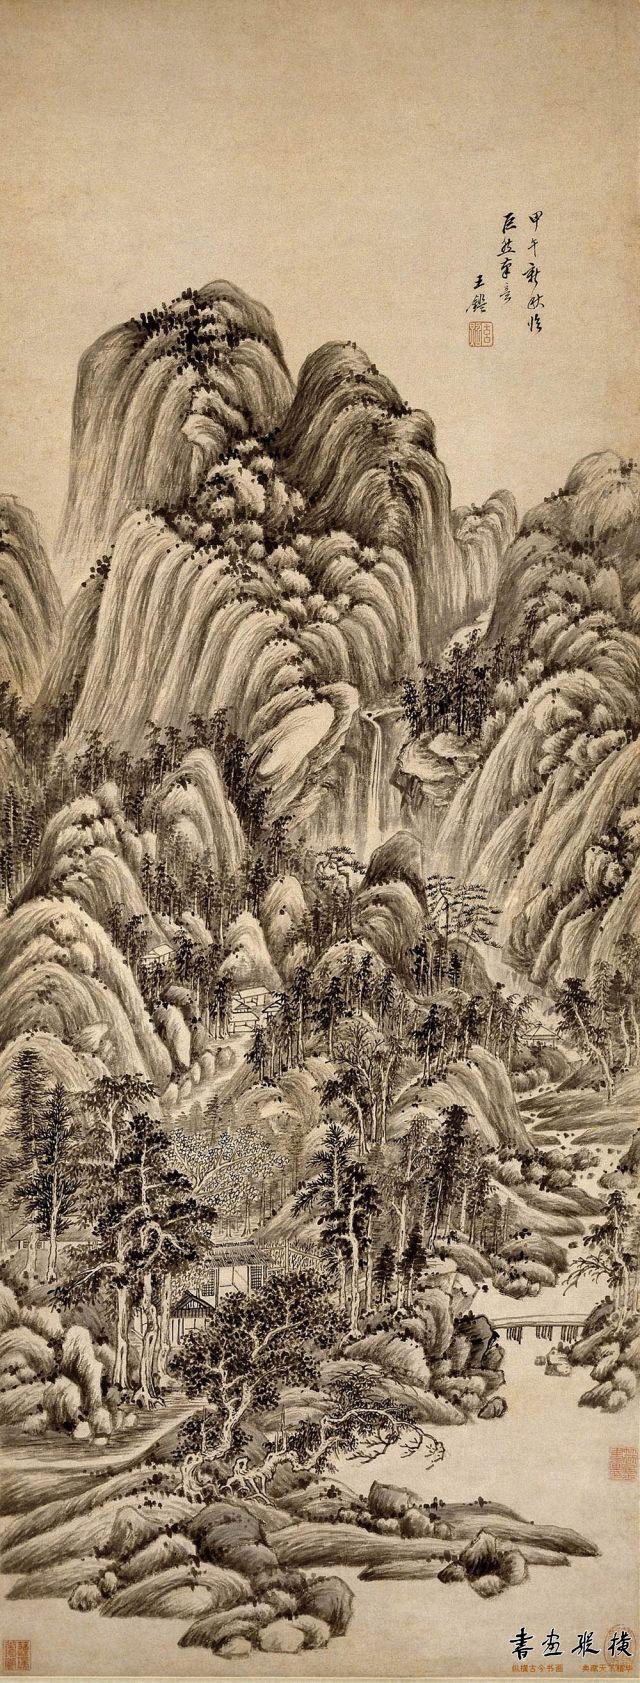 清 王鉴 仿巨然笔意山水轴 大英博物馆藏